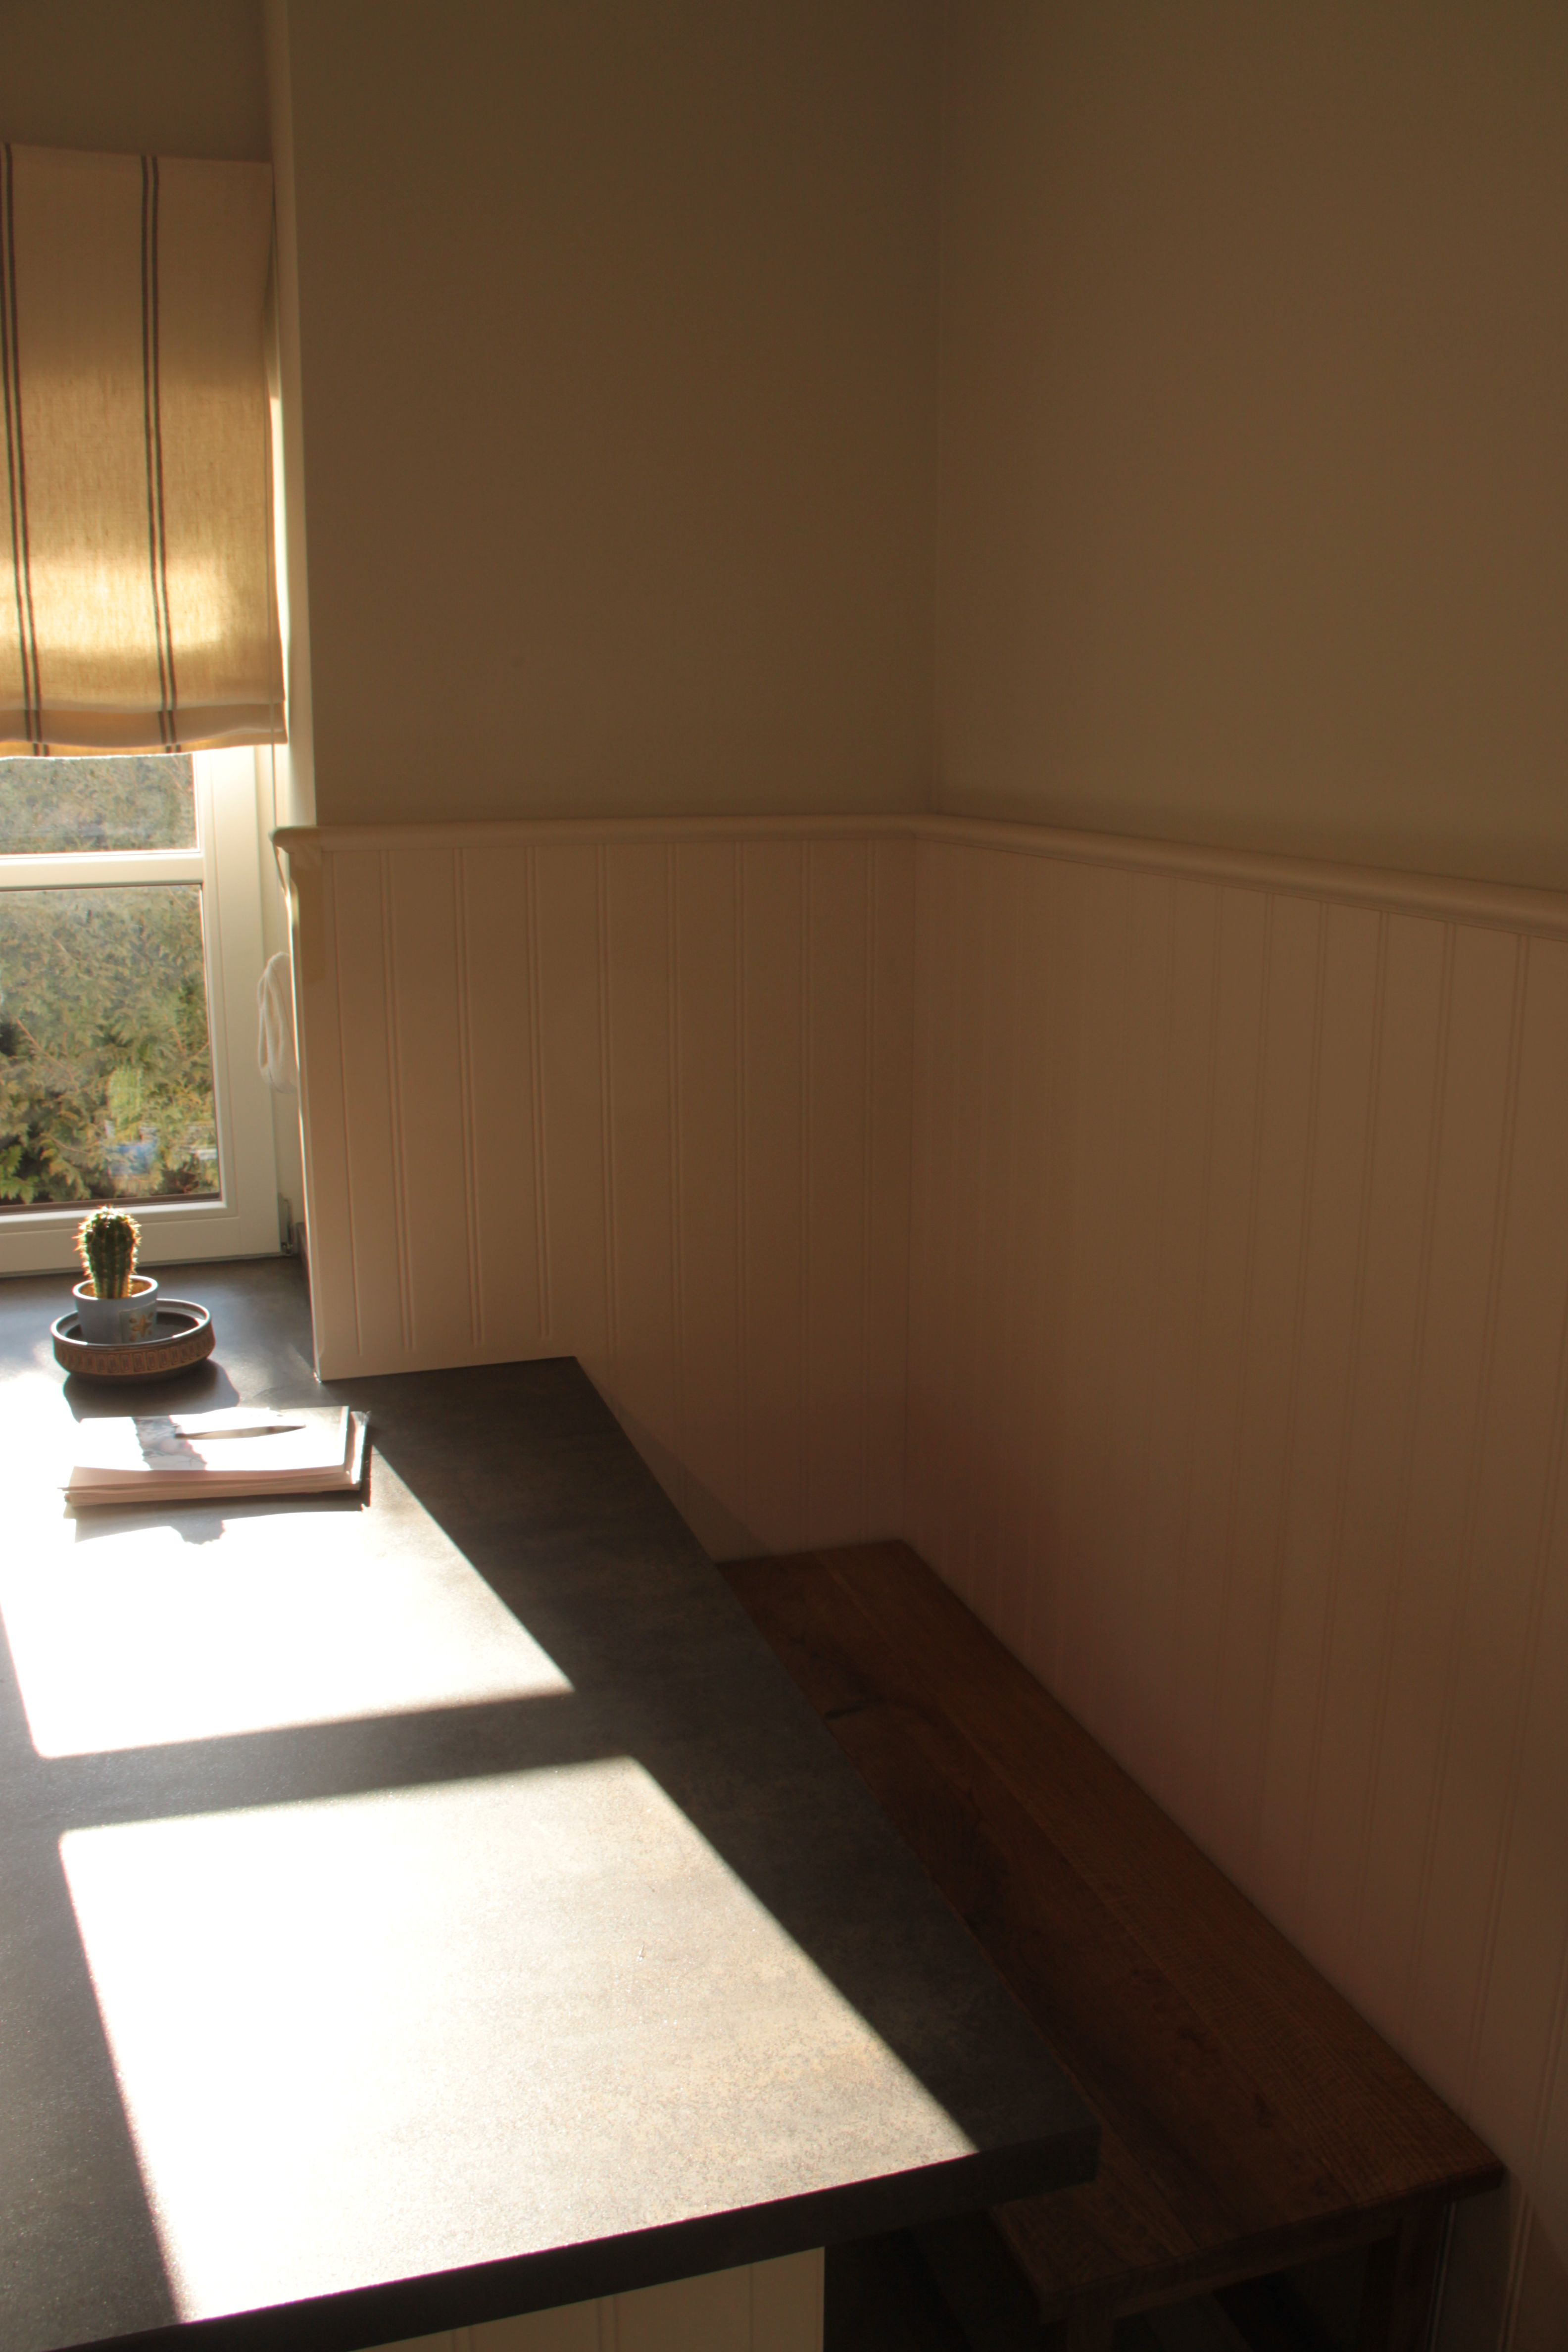 Küche weiß lackiert mit #Arbeitsplatte aus #Stein | L+S / Küchen ... | {Küchenarbeitsplatte stein 24}